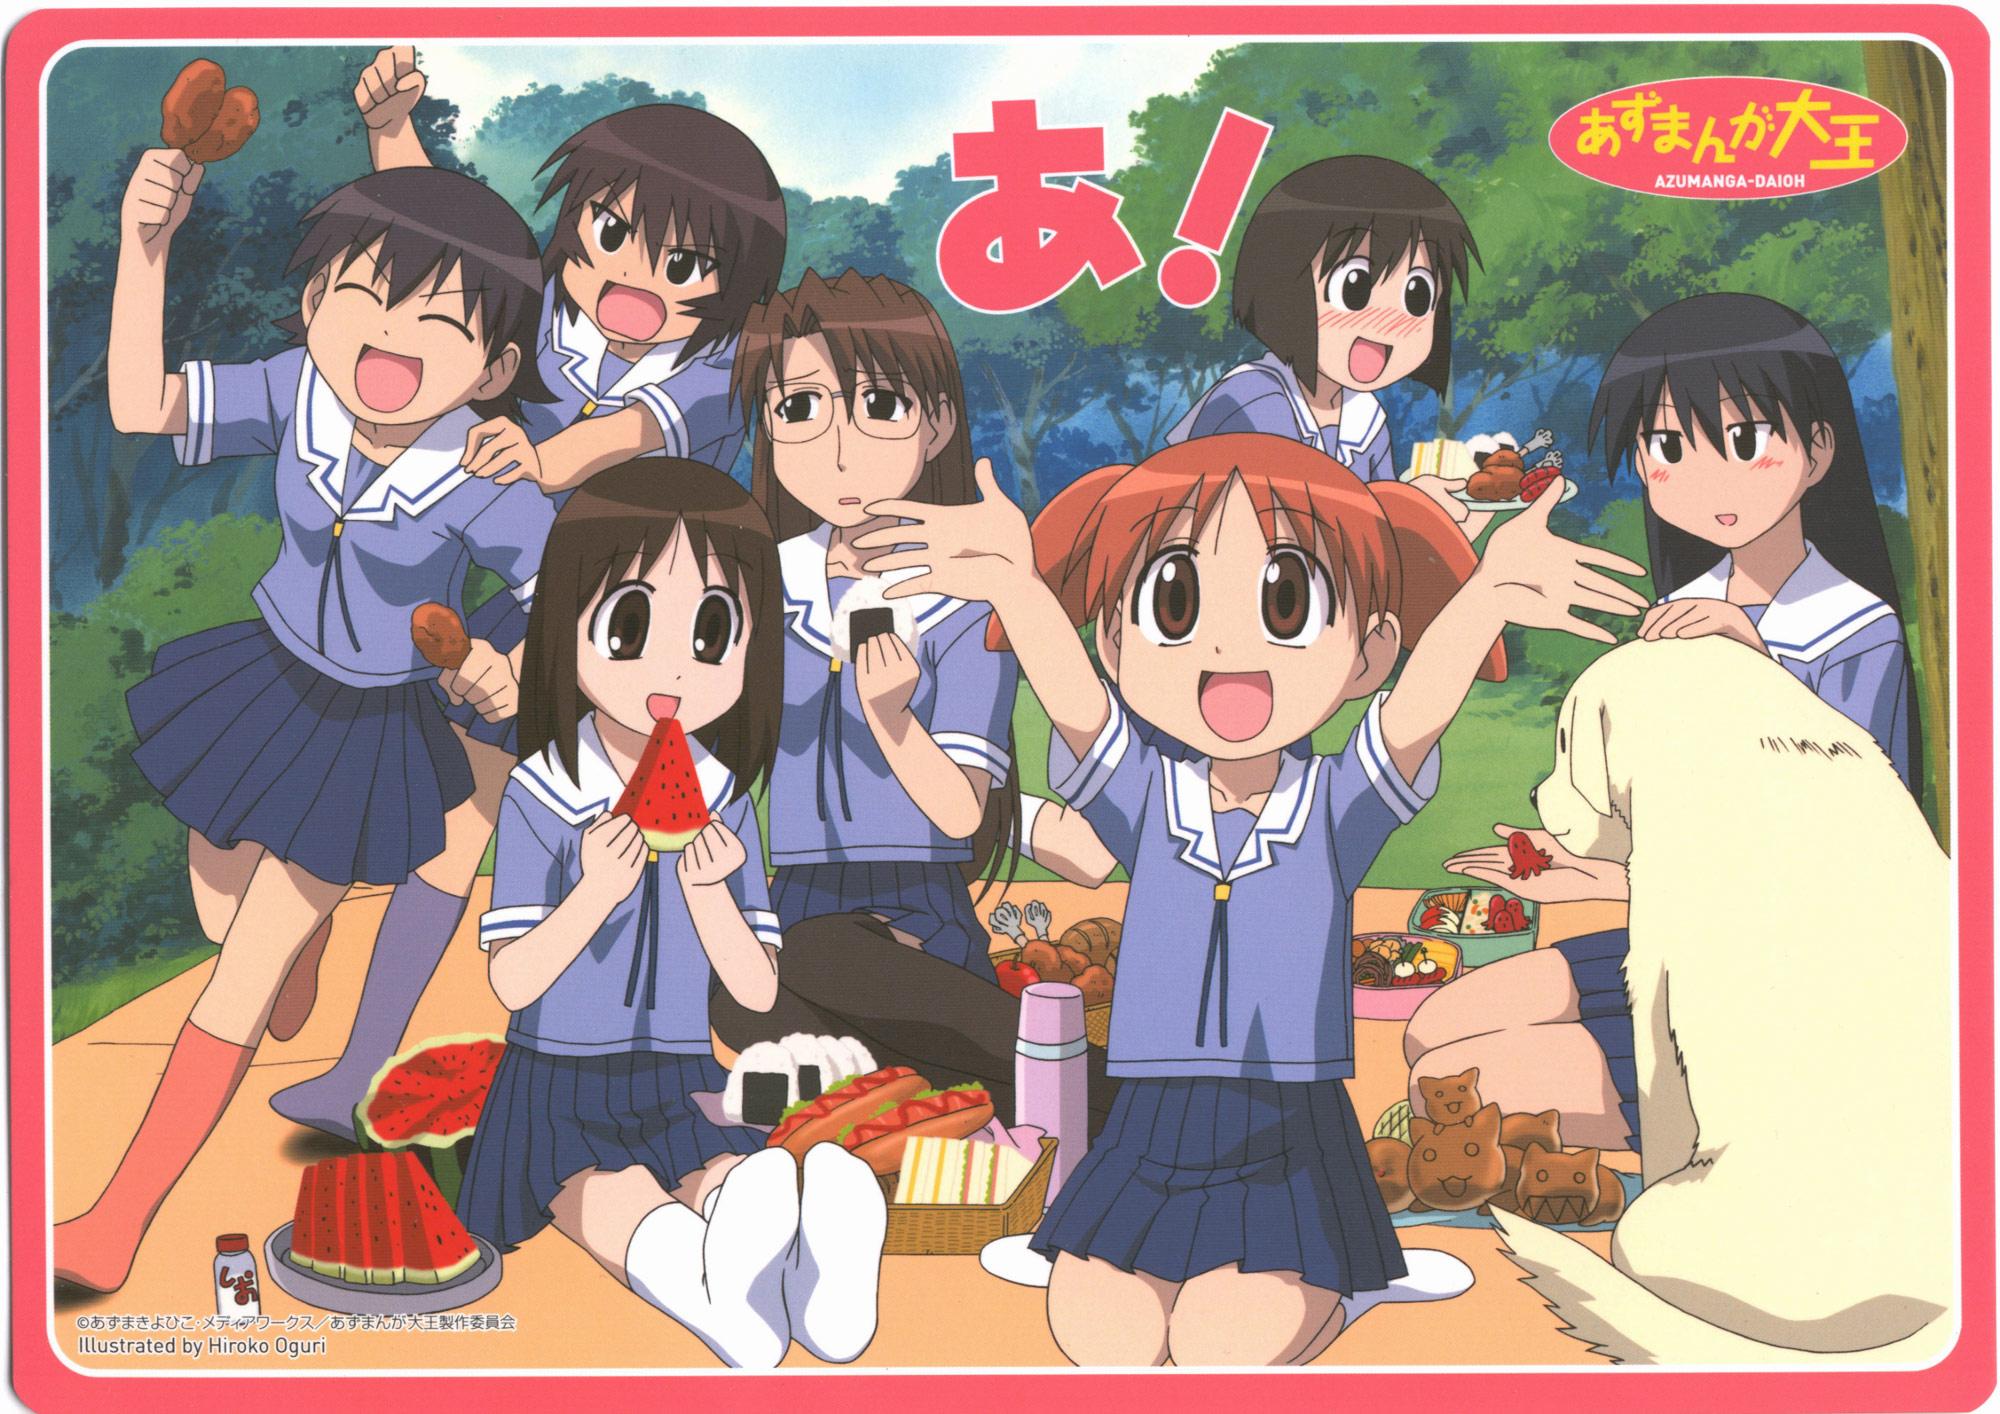 aida_kaori azumanga_daioh kagura kasuga_ayumu mihama_chiyo mizuhara_koyomi sakaki tadakichi takino_tomo